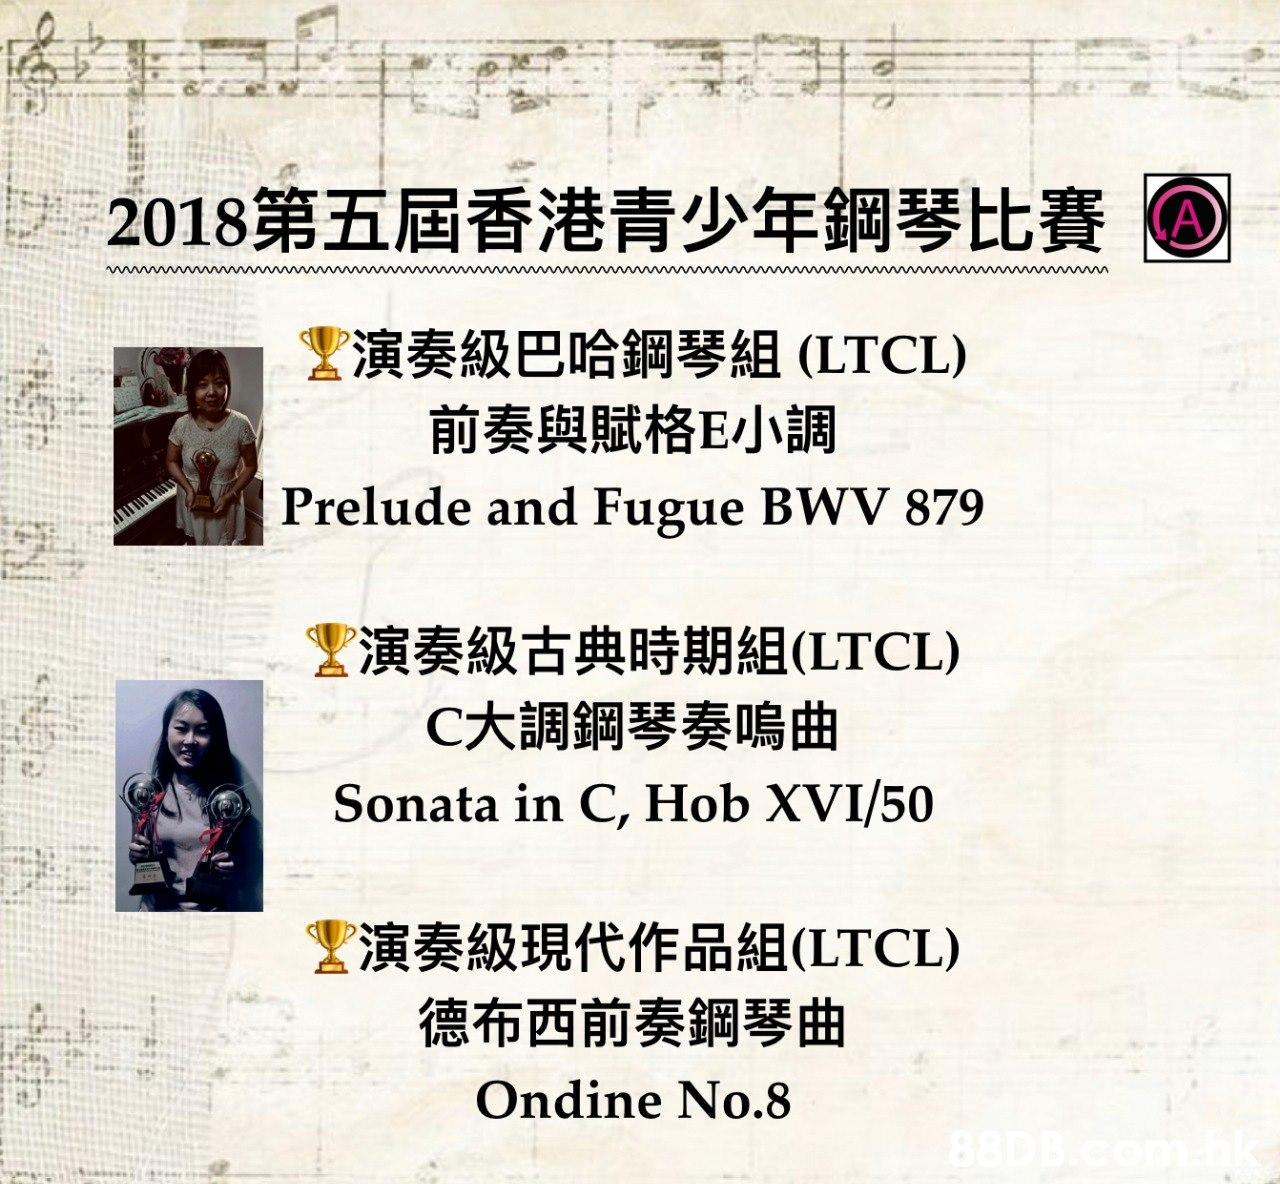 2018第五屆香港青少年鋼琴比賽O www ?演奏級巴哈鋼琴組 (LTCL) 前奏與賦格E小調 Prelude and Fugue BWV 879 演奏級古典時期組(LTCL) C大調鋼琴奏鳴曲 Sonata in C, Hob XVI/50 聖演奏級現代作品組(LTCL) 德布西前奏鋼琴曲 Ondine No.8  Text,Font,Line